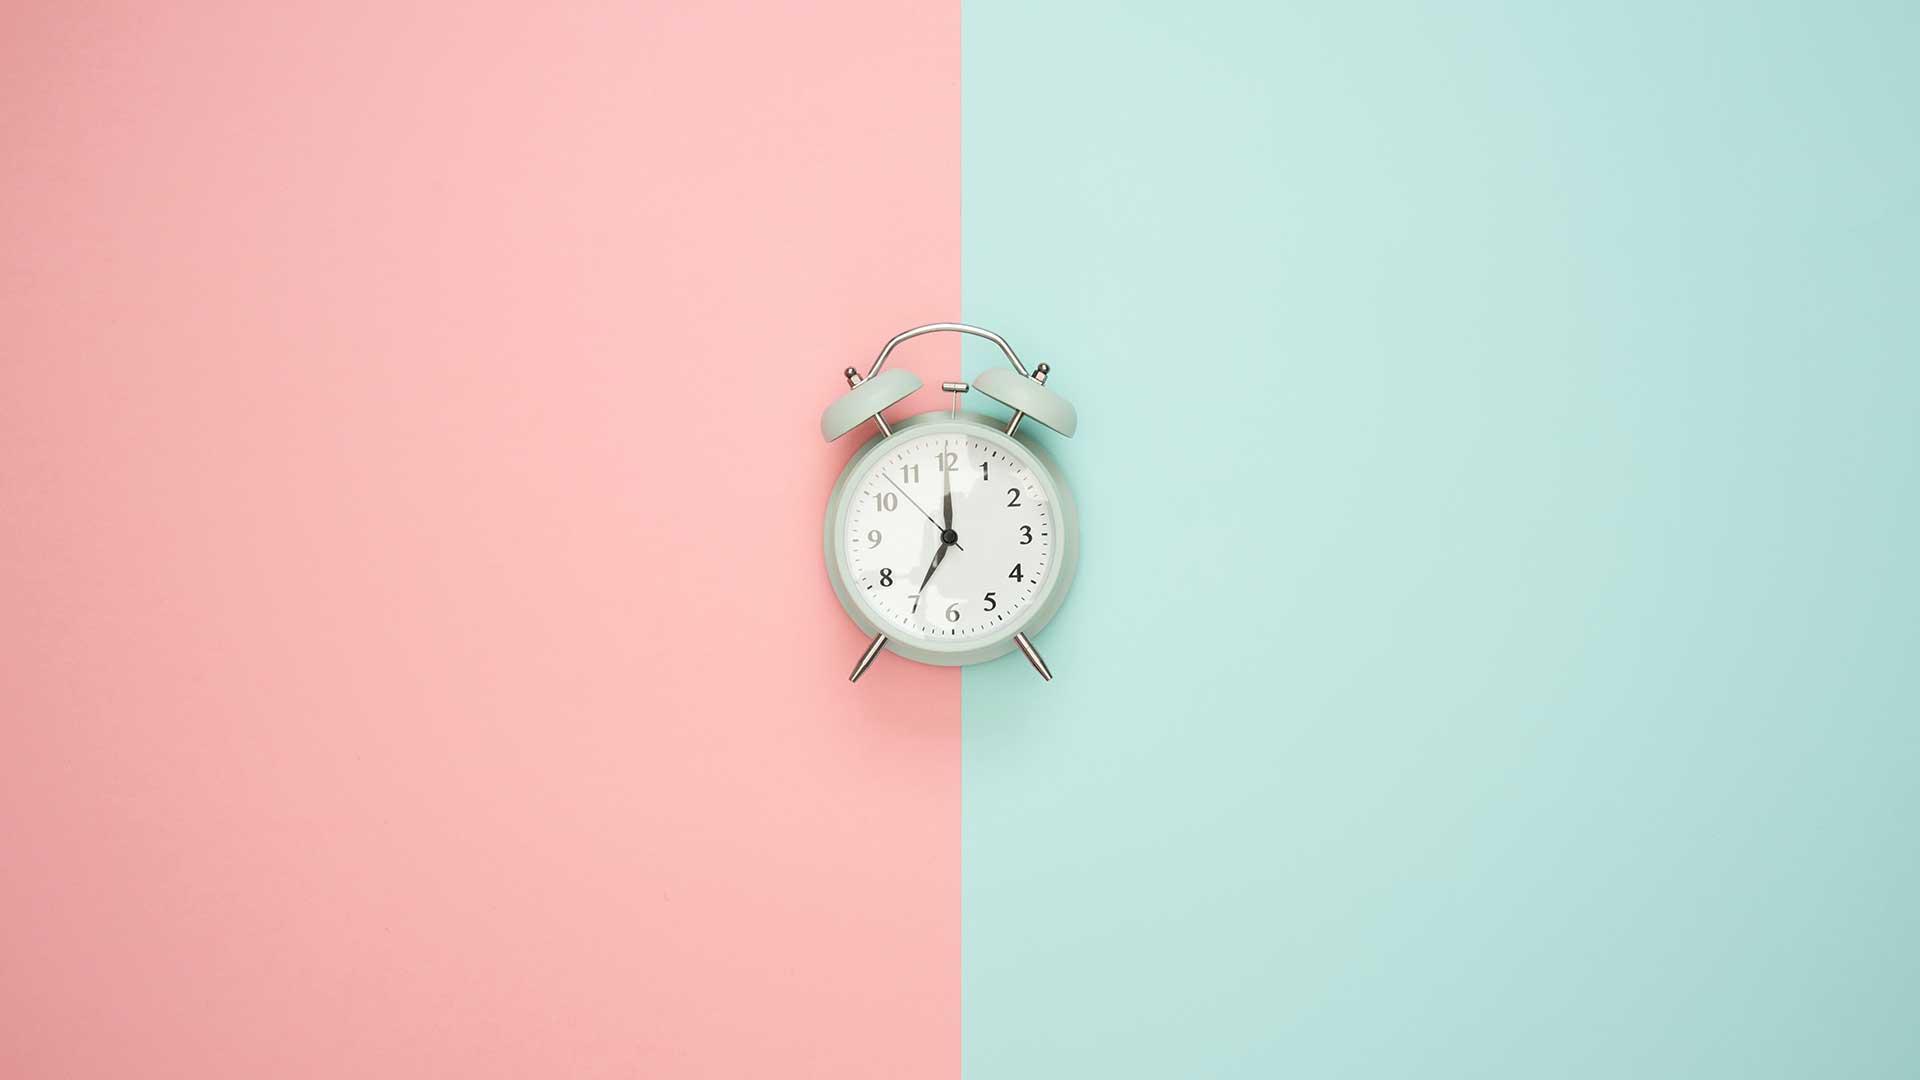 immagine-articolo-la-gestione-olistica-del-tempo